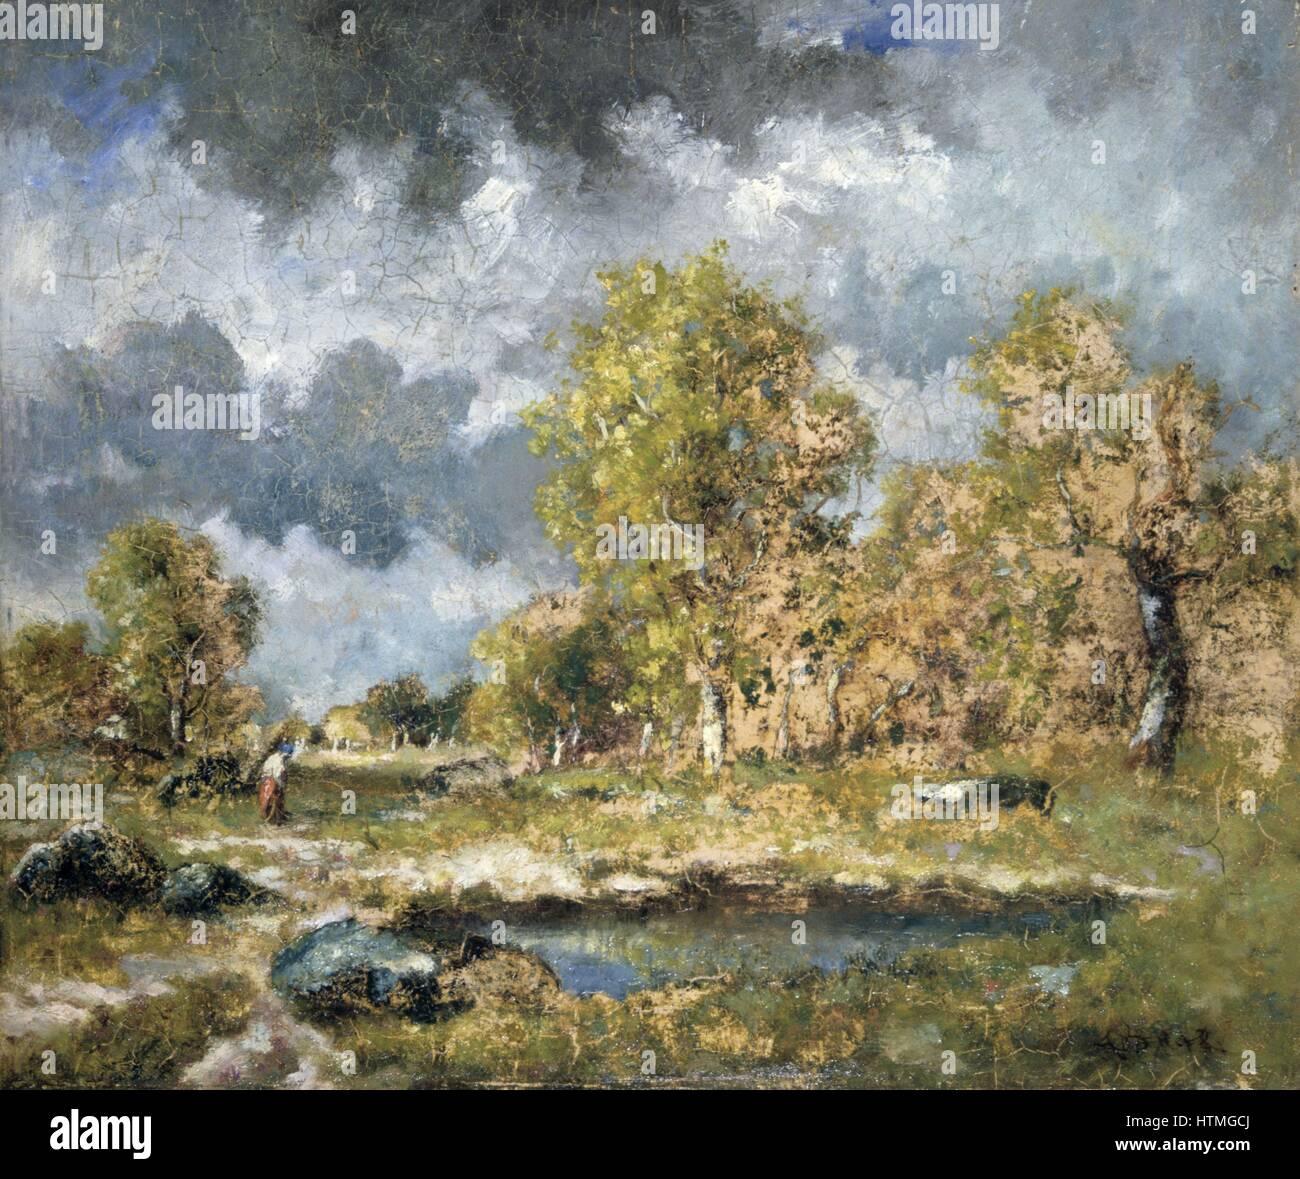 La piscina': olio su pannello. Nacisse Diaz de la Peña (1801-1876), pittore francese. Piscina in un campo Immagini Stock